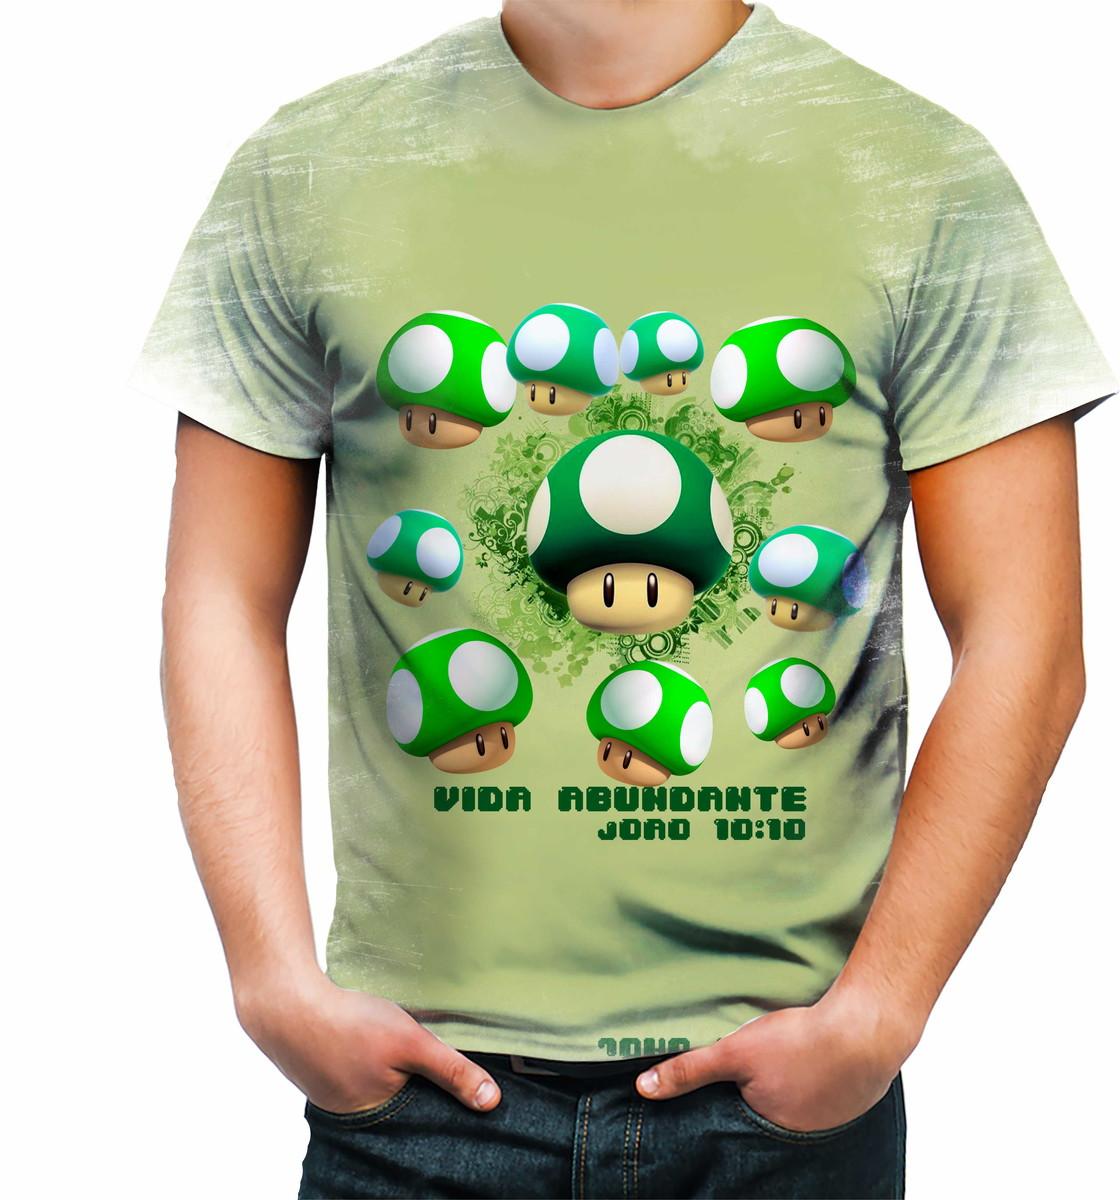 95805e4b6 Camisa Camiseta Personalizada Vida Abundante João 10 10 no Elo7 ...